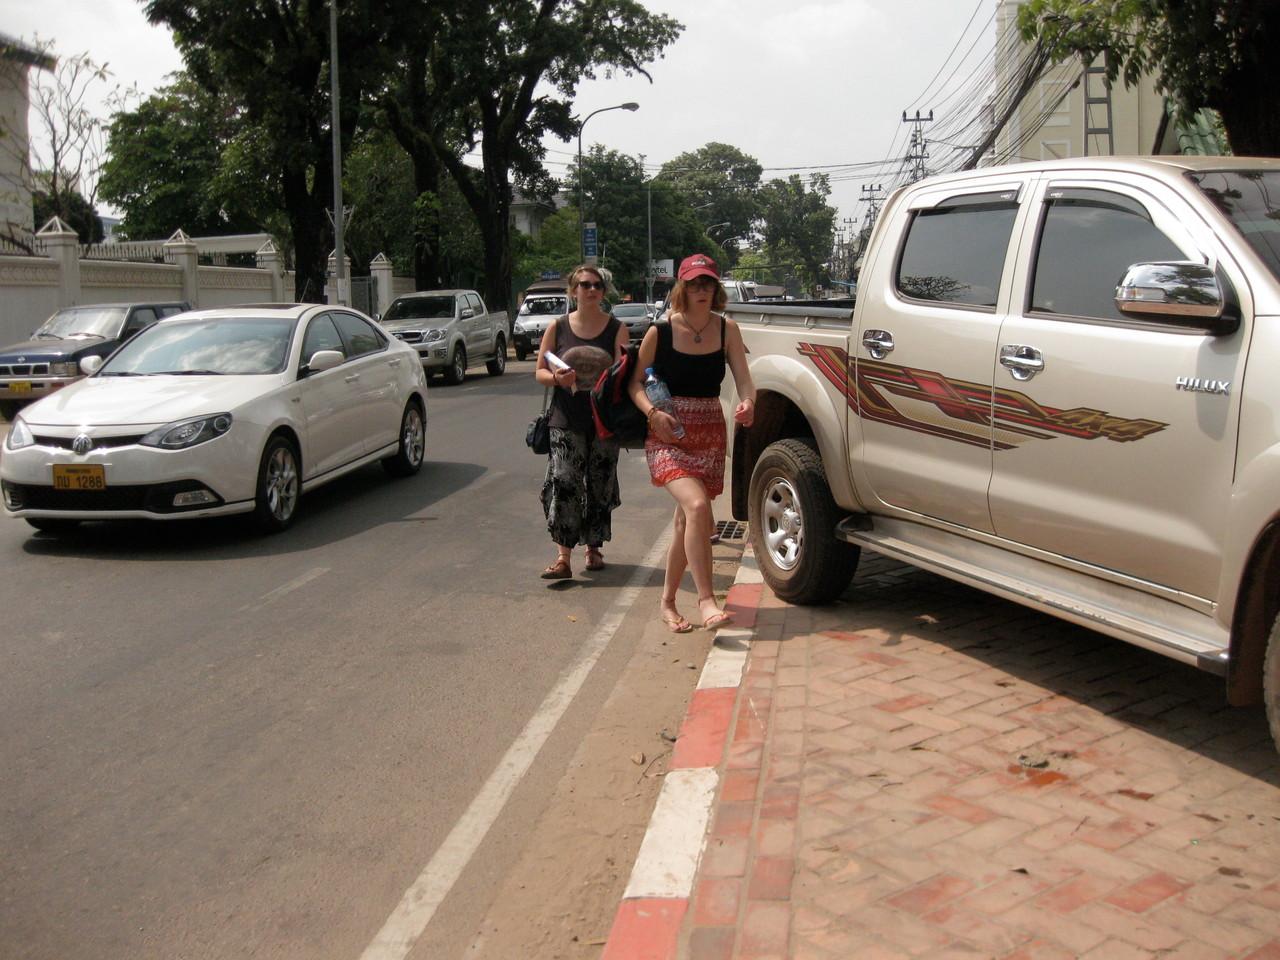 車は増えているのに駐車場がないので、車は歩道に斜め並びに停められる。道を歩く人は車道を歩くはめになり、危険この上ない。